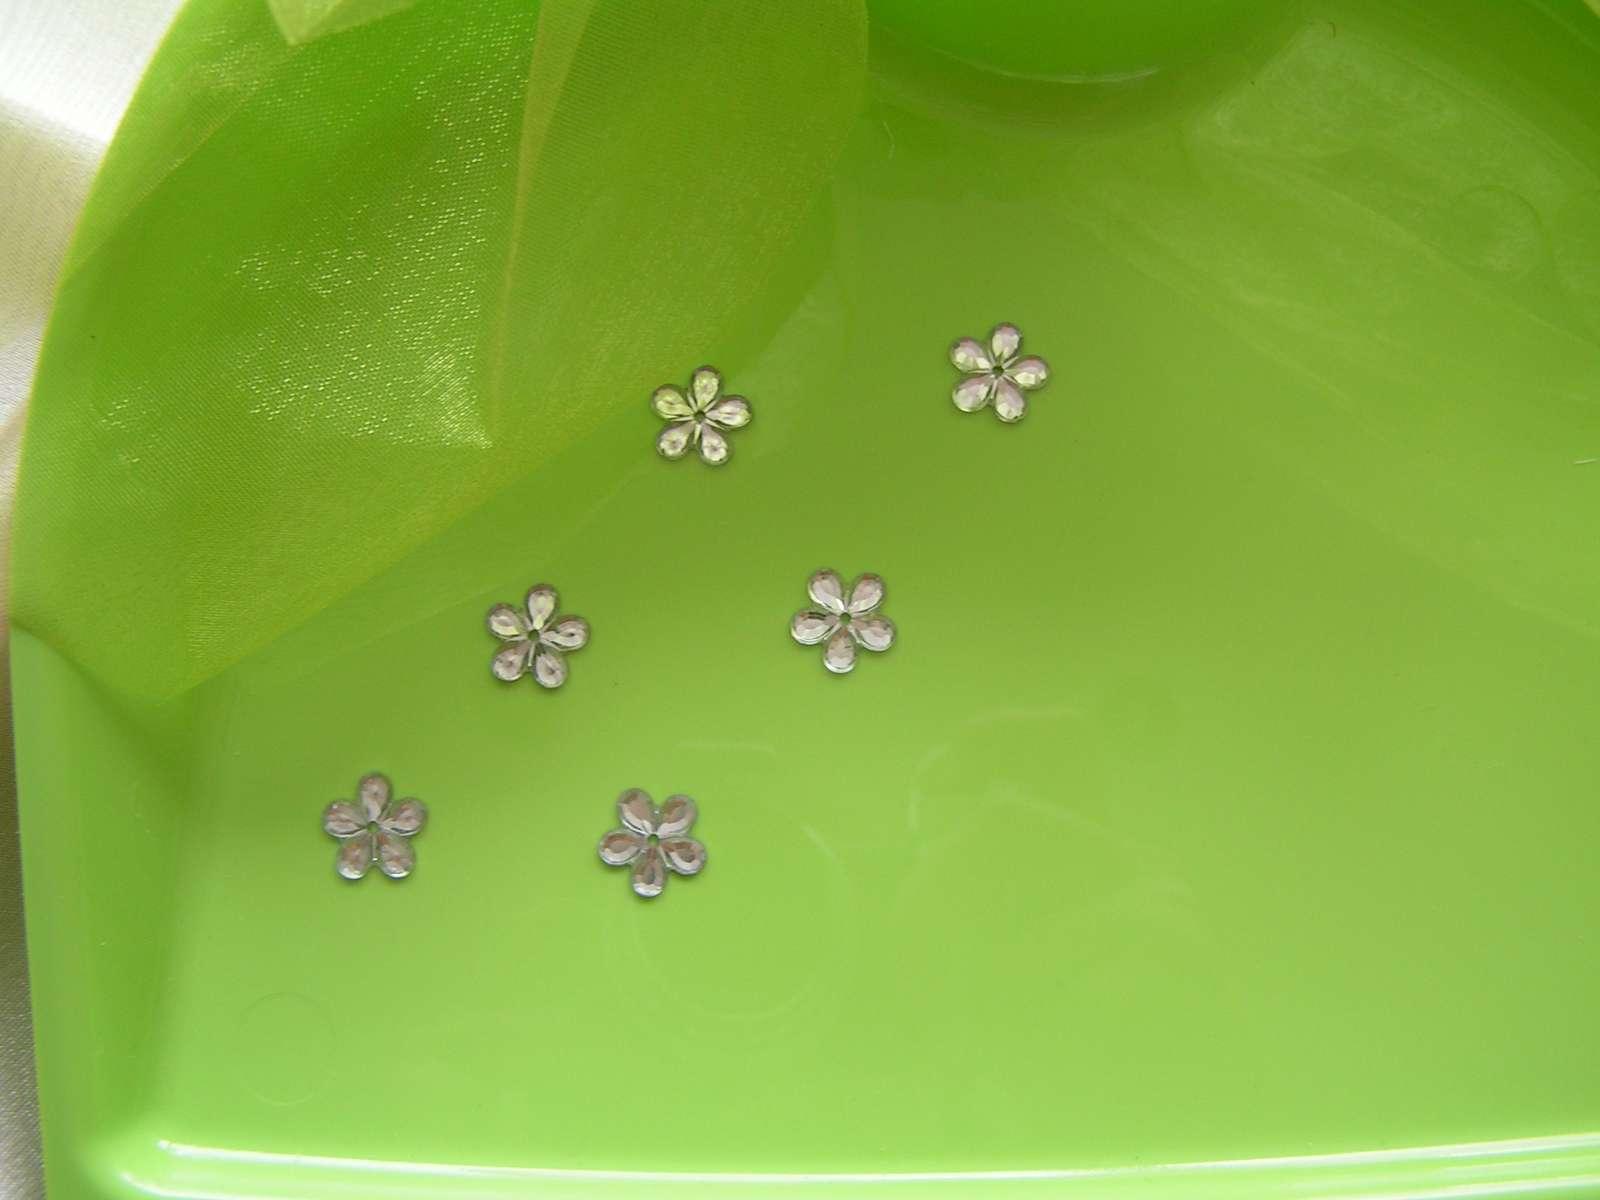 Zelená lopatka se smetáčkem - Obrázek č. 3